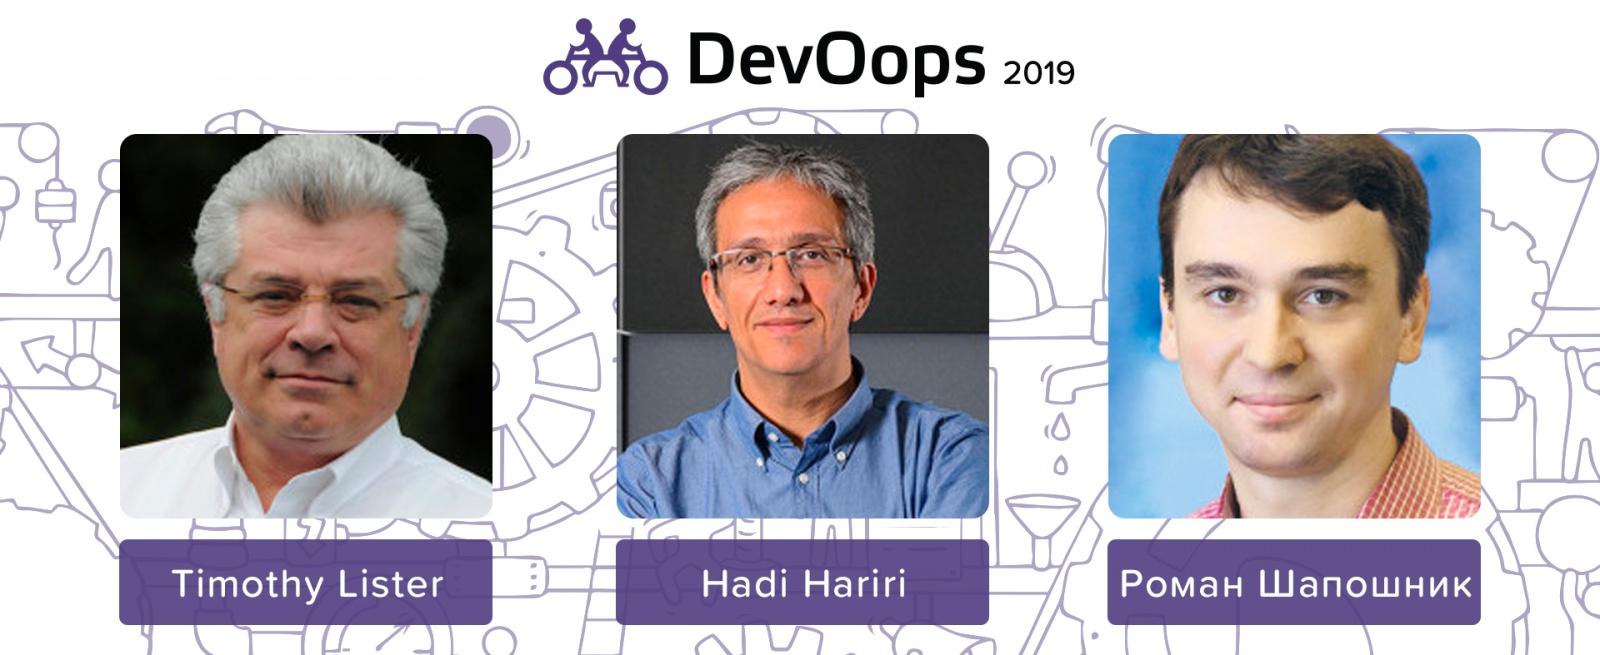 Тридцать докладов DevOops 2019: Tim Lister, Hadi Hariri, Роман Шапошник и другие звёзды международного DevOps - 1